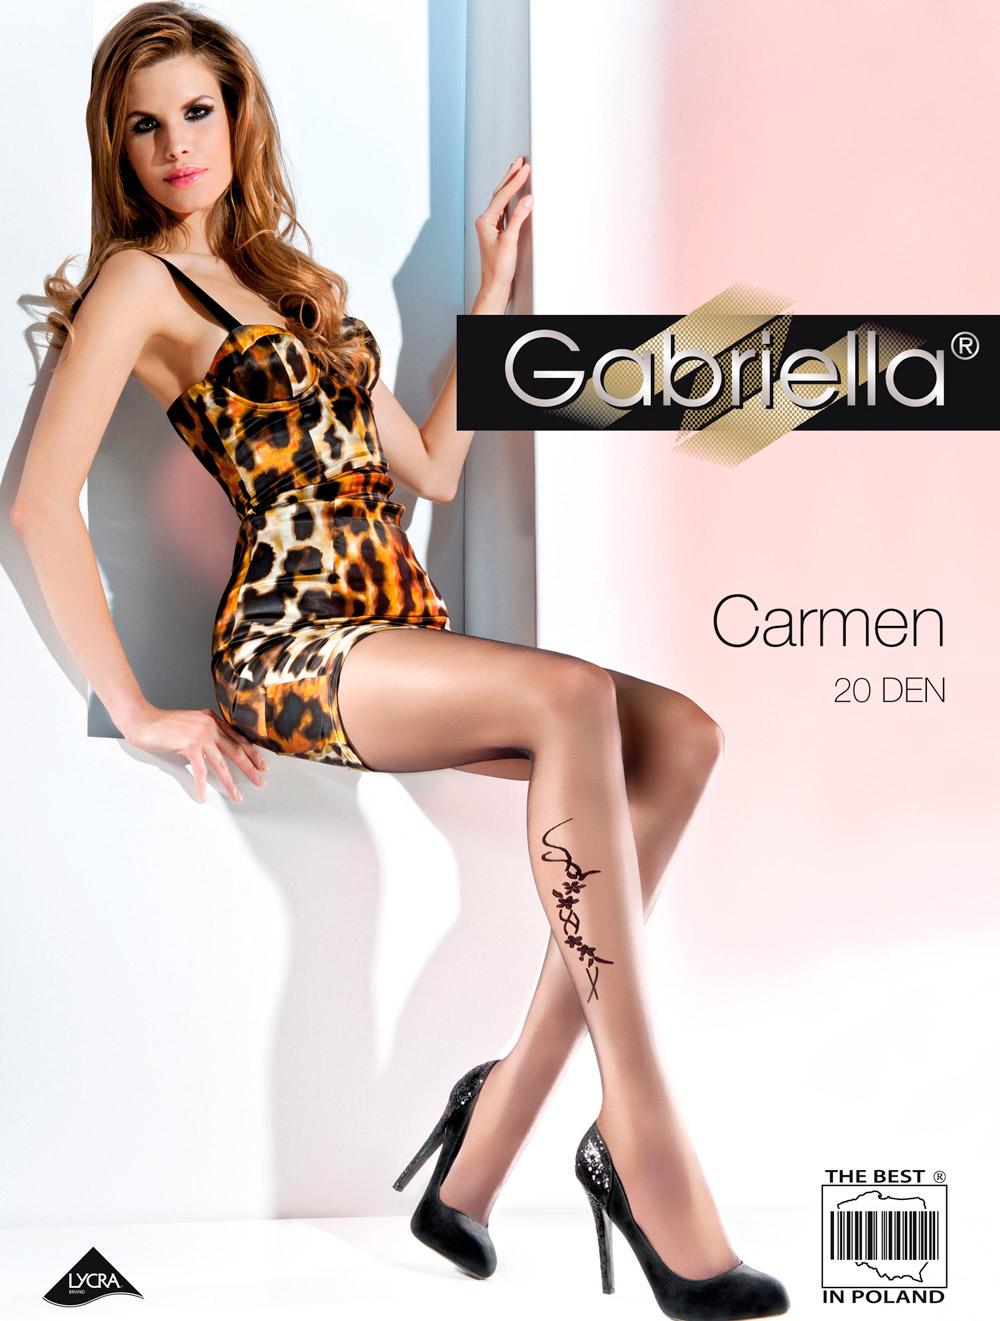 Gabriella Classic Quality Feminine Silky Stretch Tights Lycra High Waist 20 Den